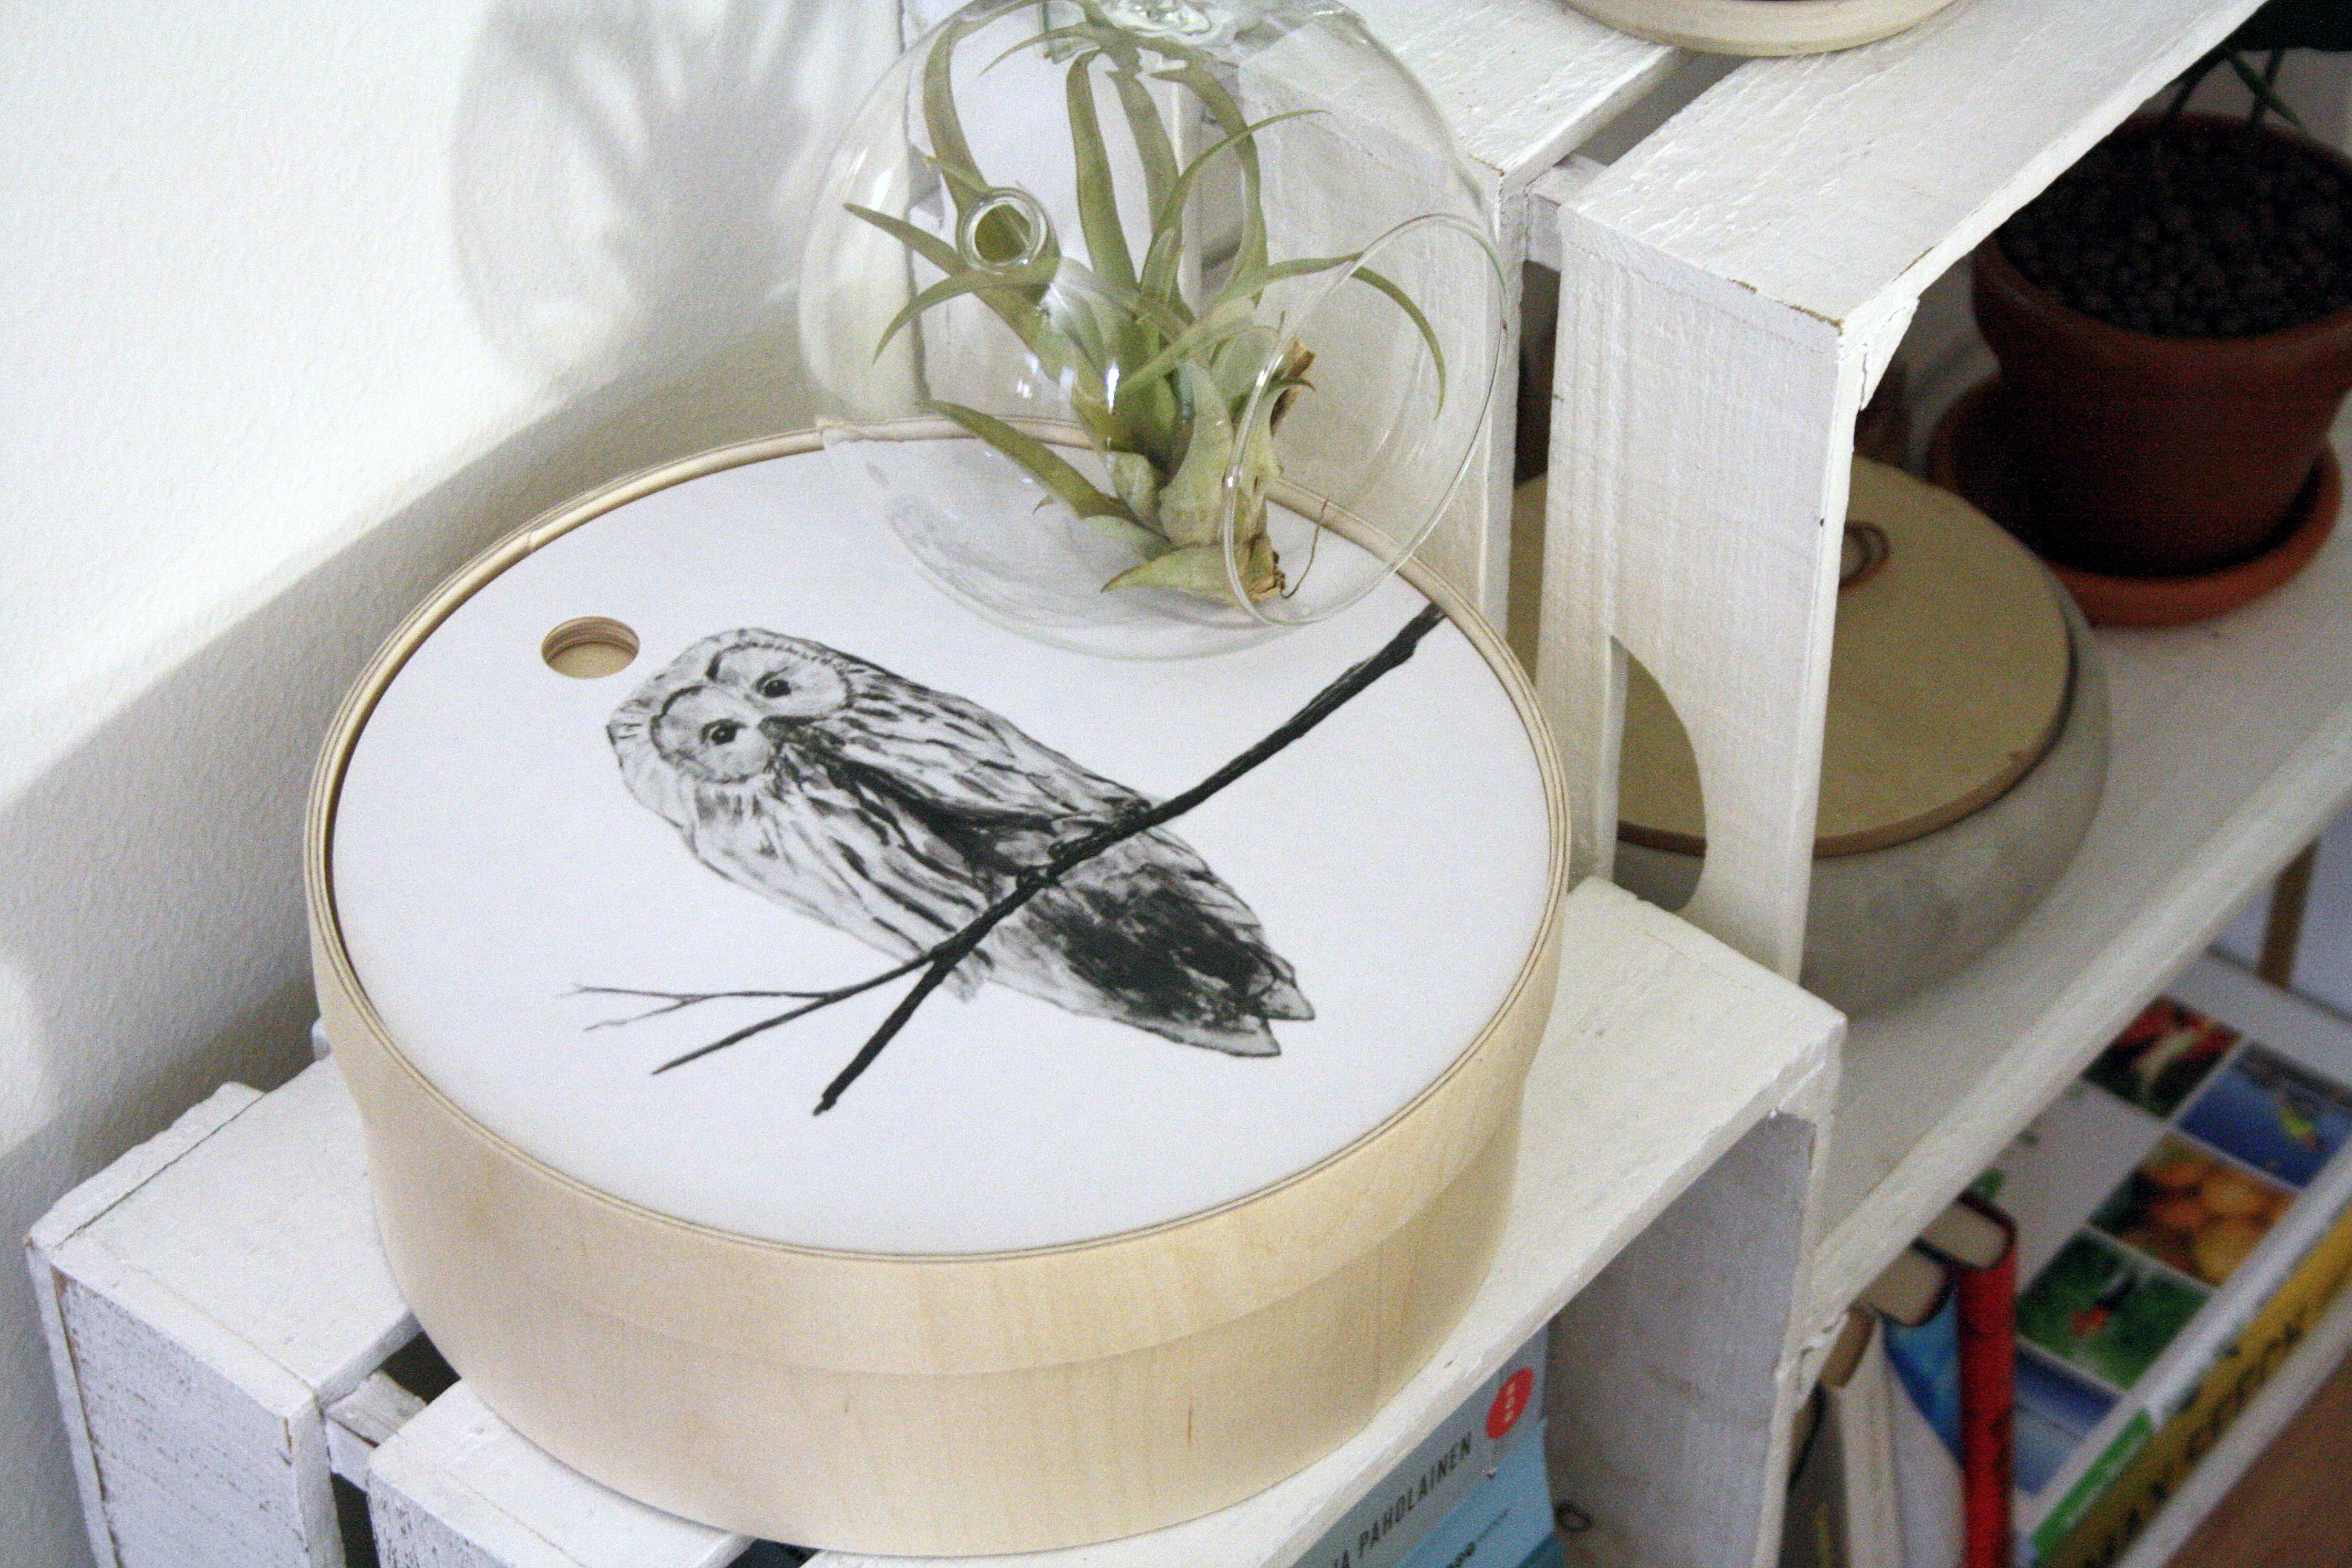 Vanerivakka pöllö - Miiko Design